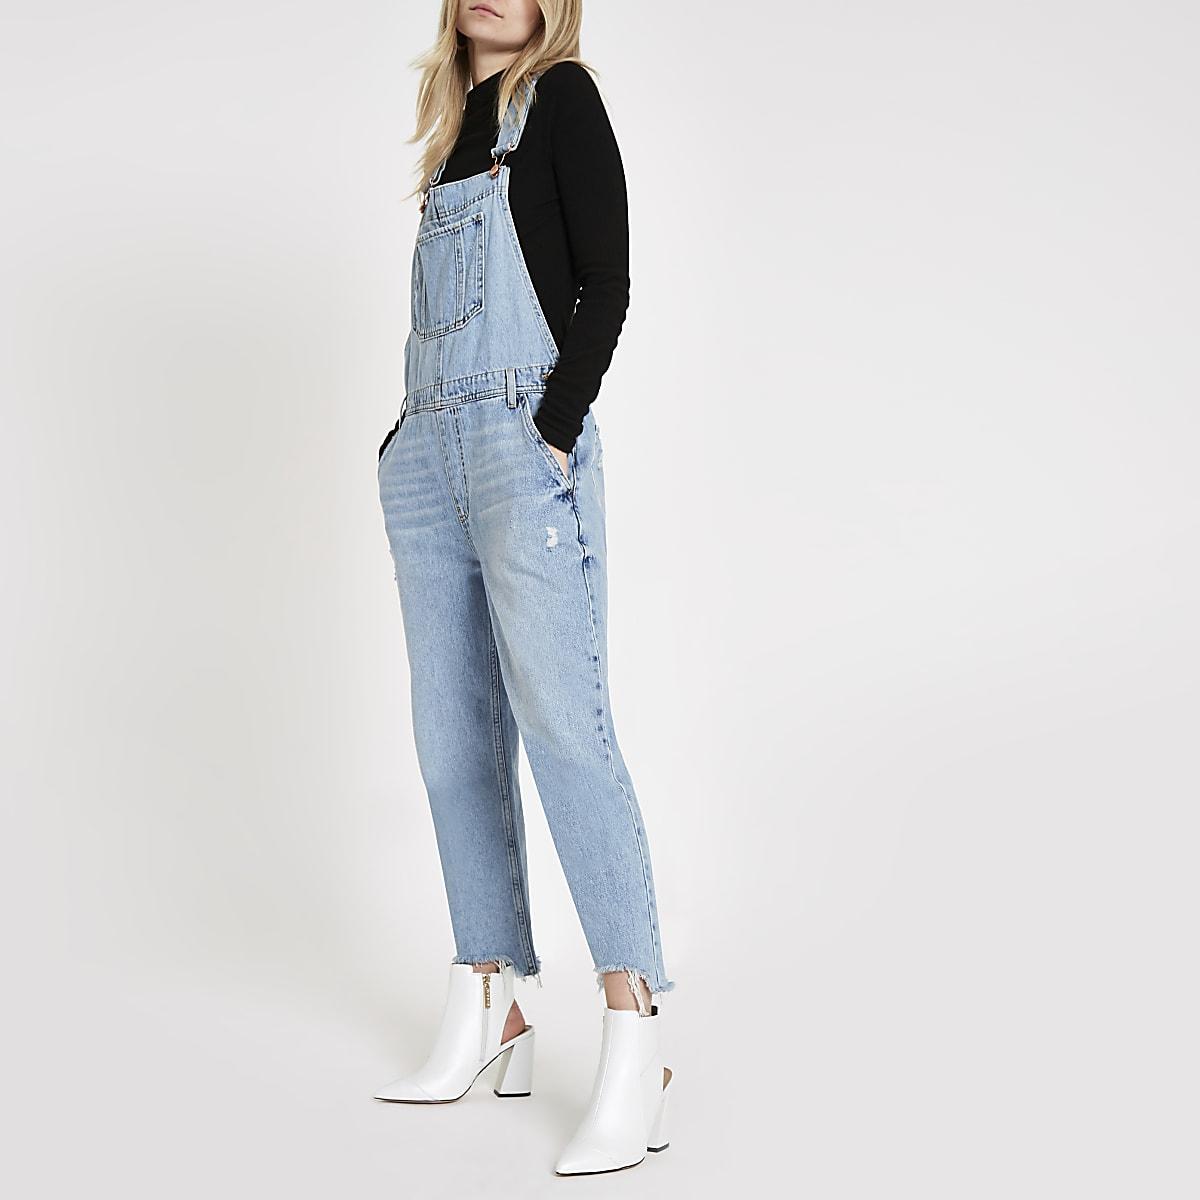 Light blue denim overalls